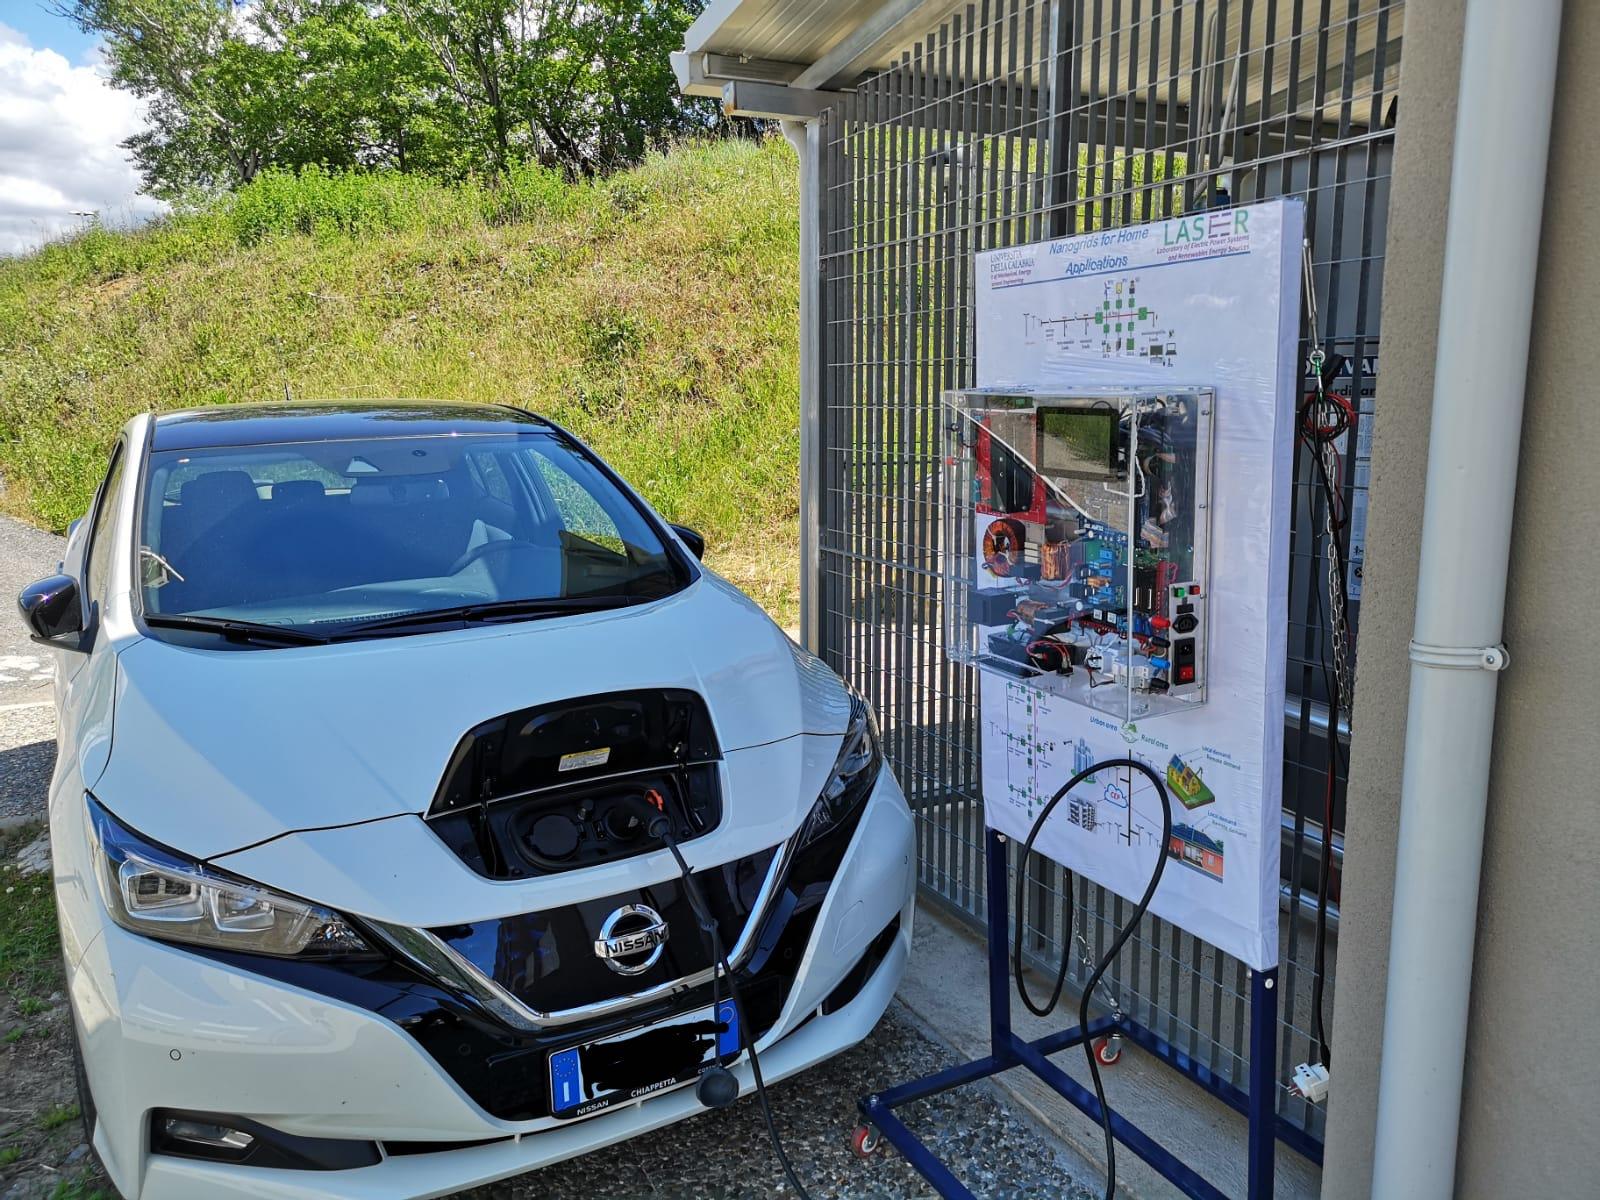 L'Unical punta sulla innovazione nei veicoli elettriciL'obiettivo è alimentare le case con le batterie delle auto